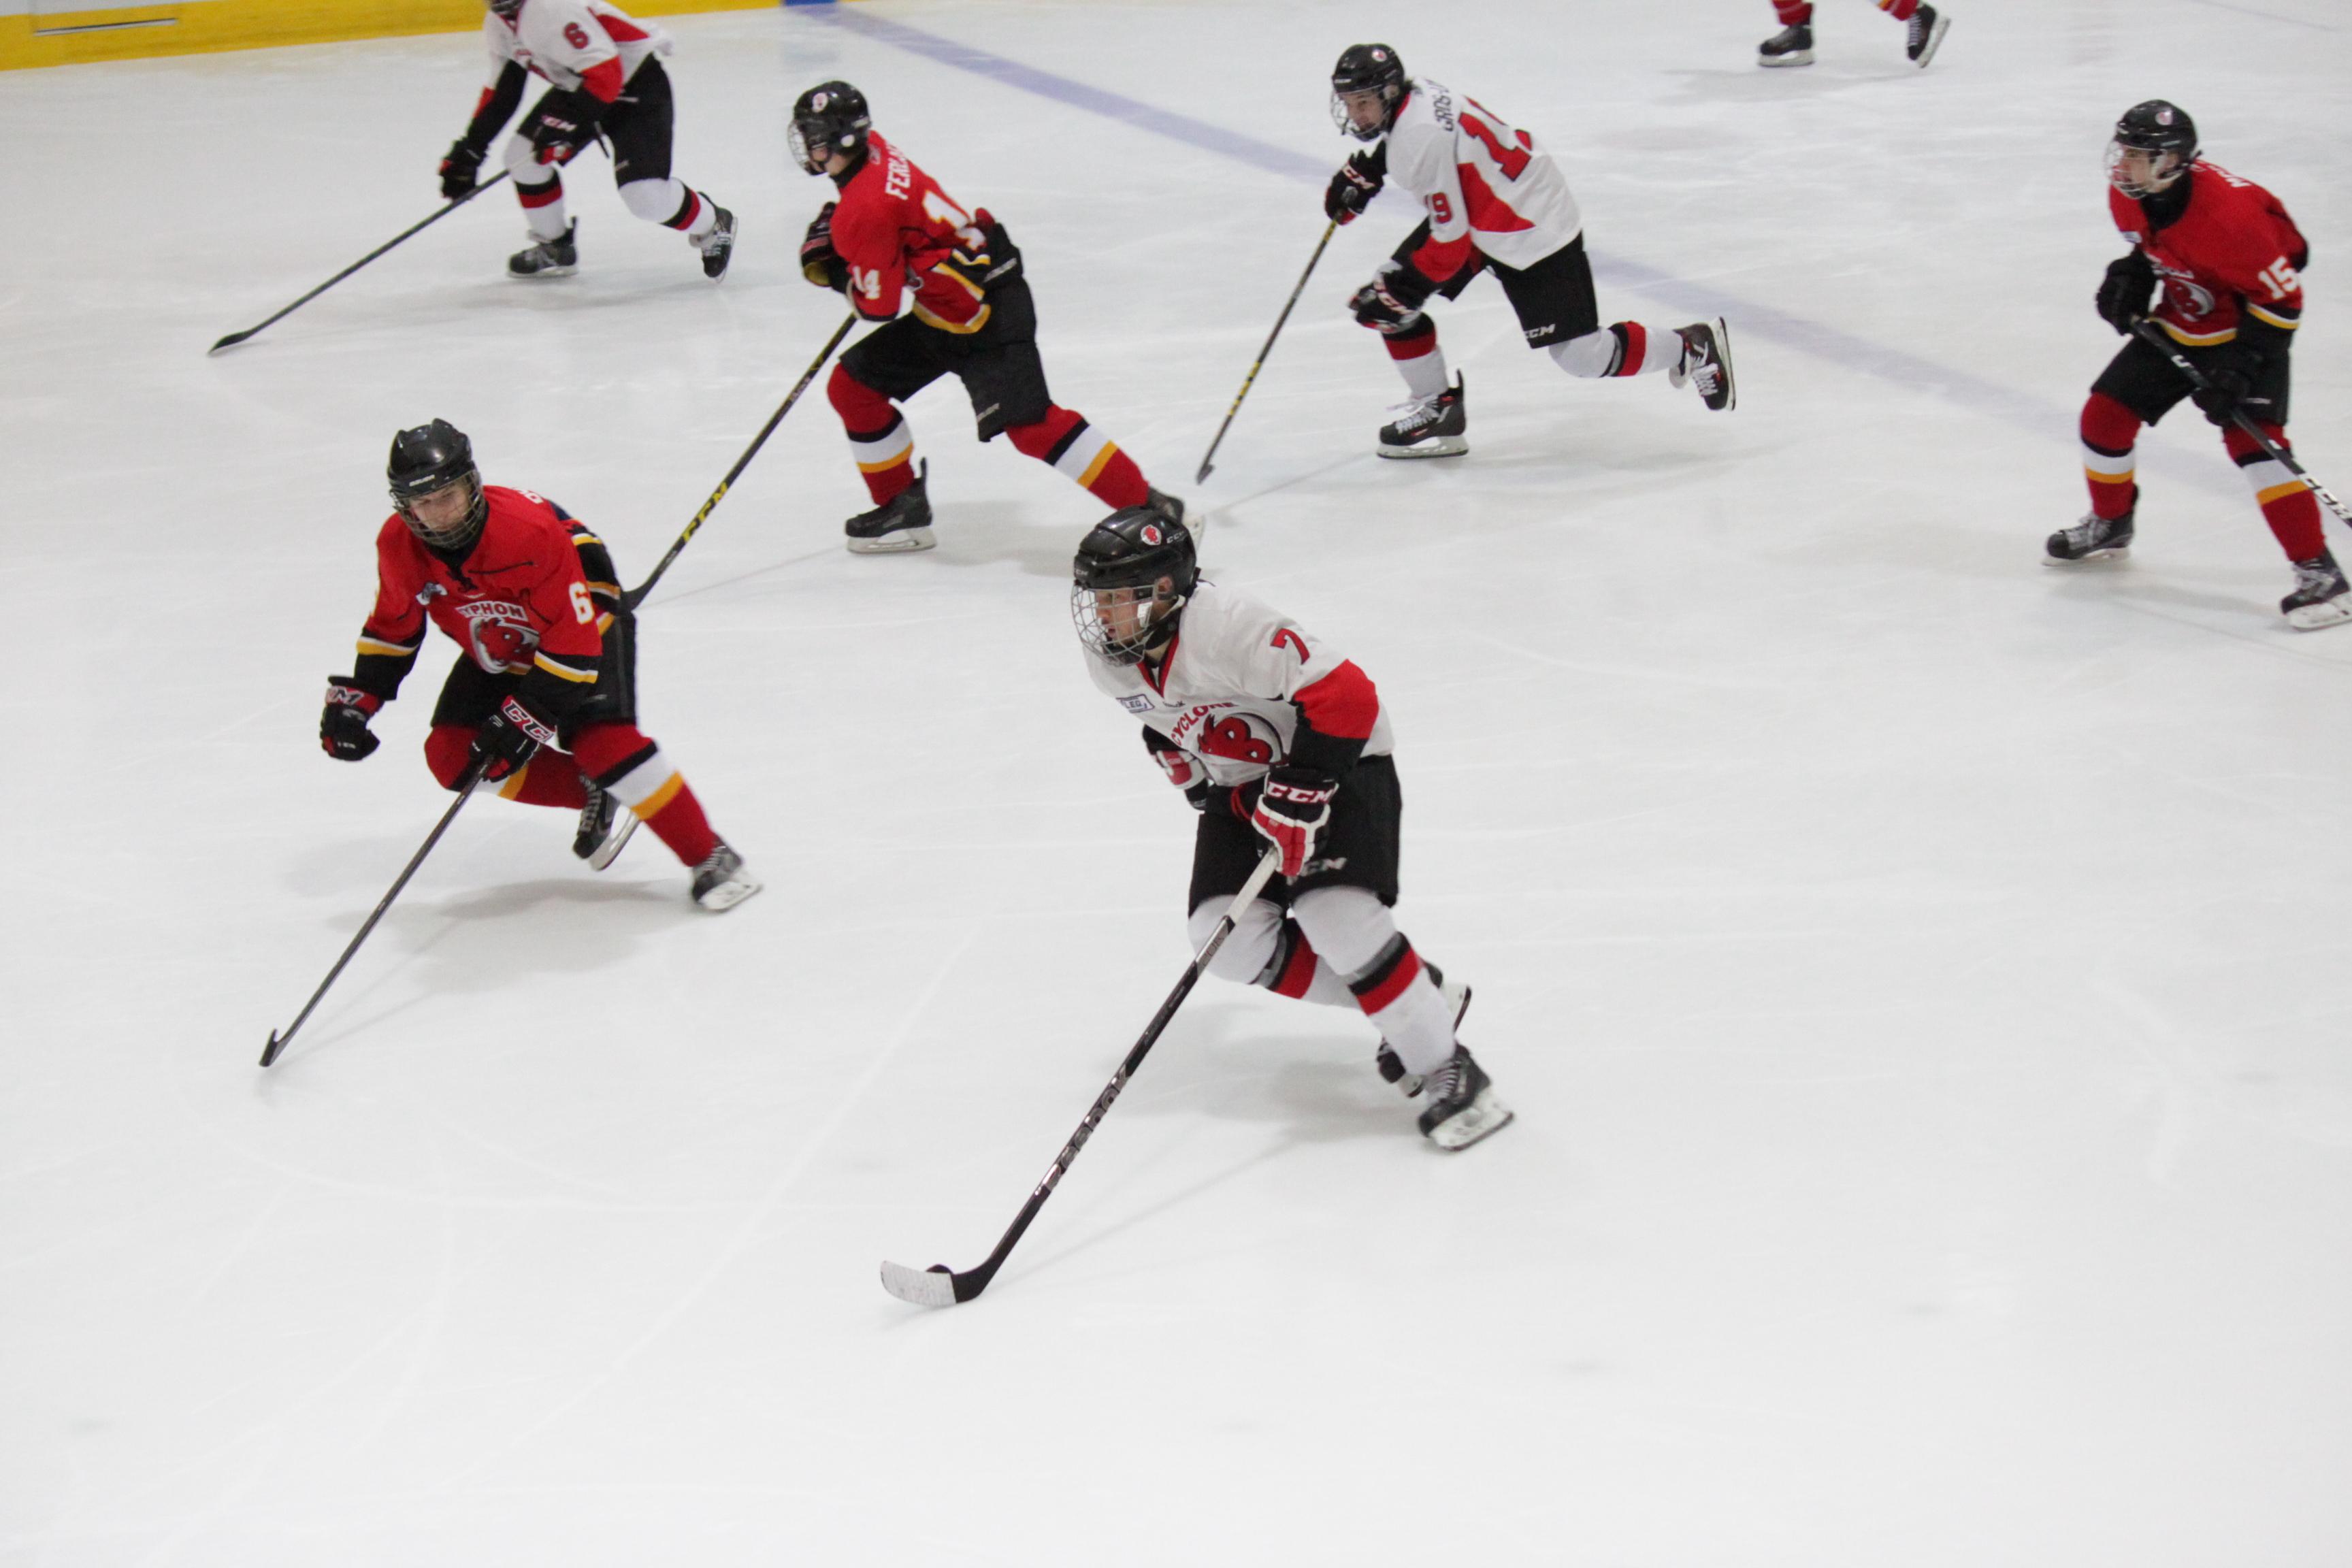 site de rencontre pour les joueurs de hockey